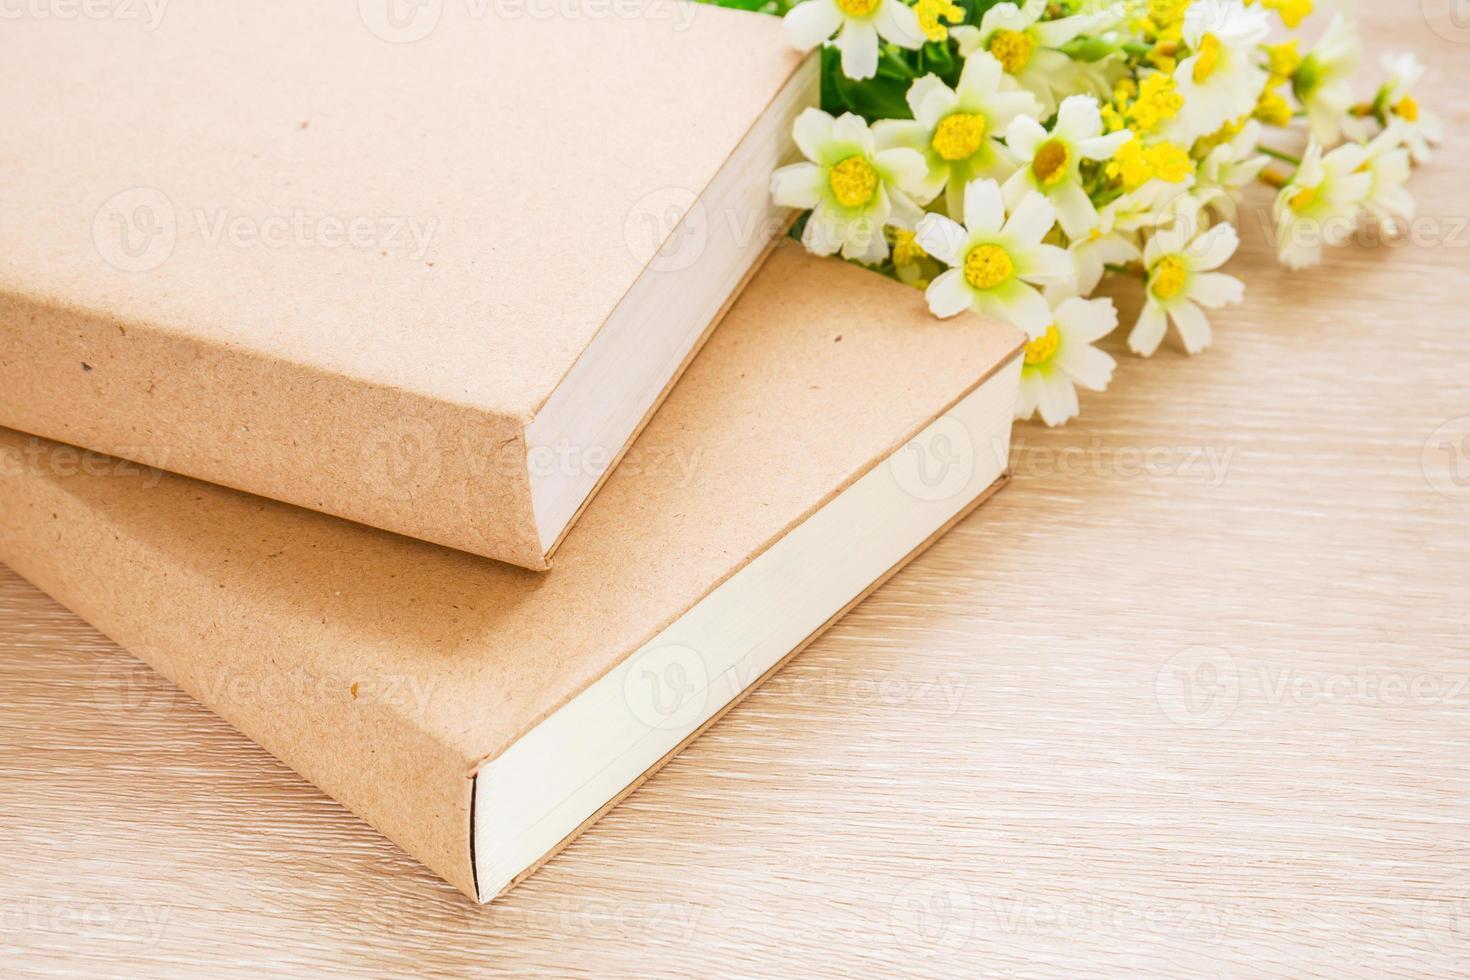 boeken en daisy flower foto